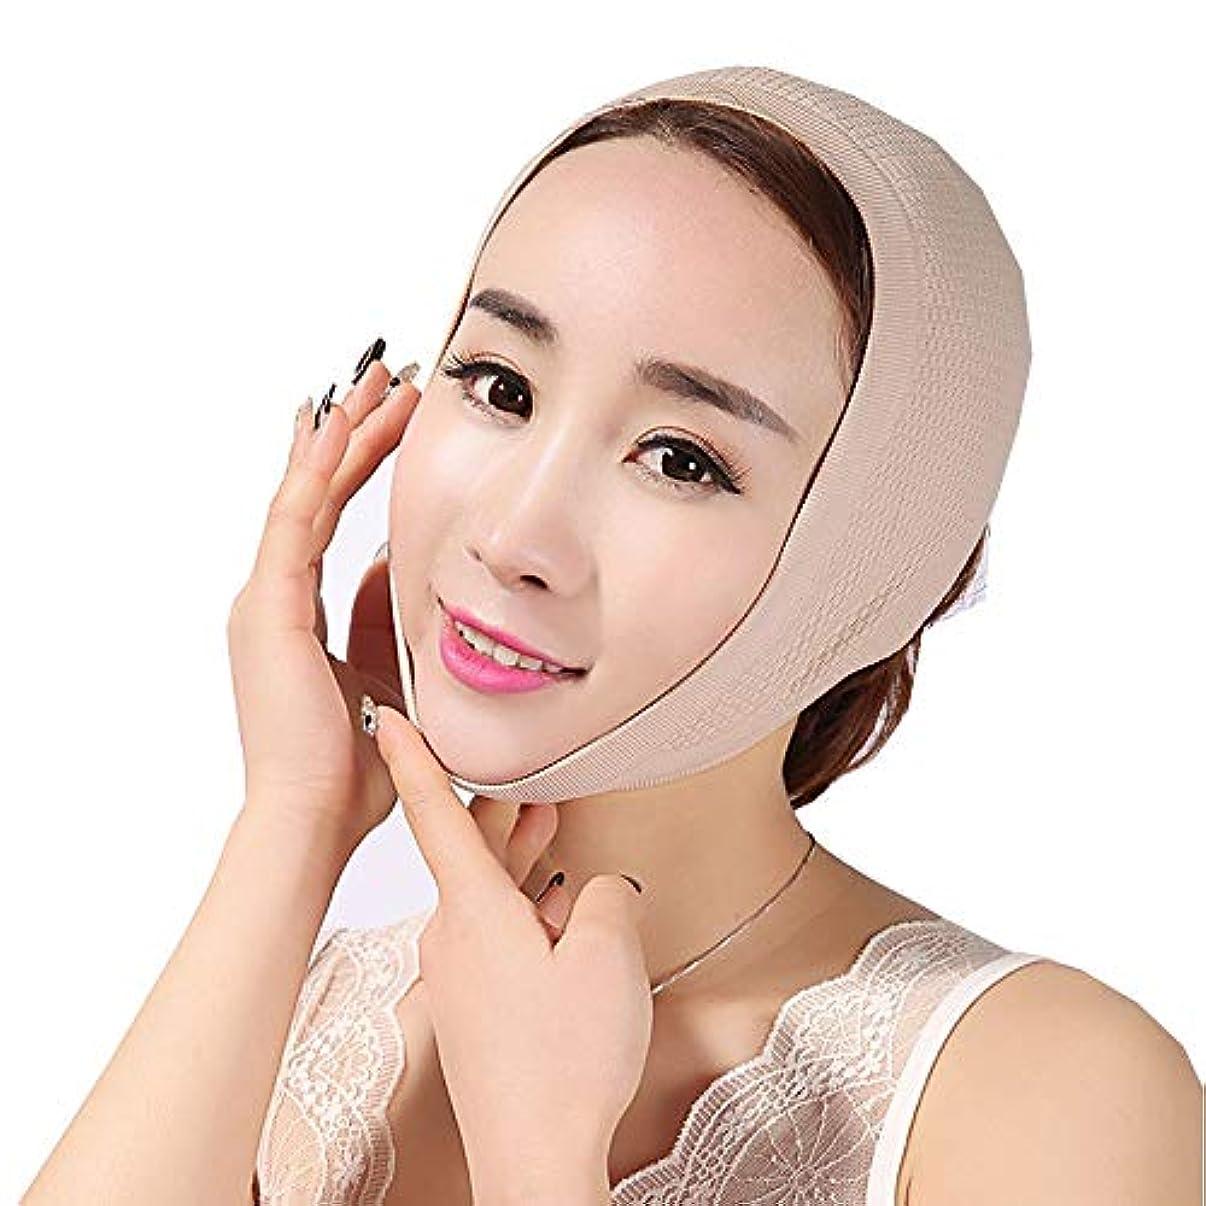 ハーブ付属品平野フェイスマスクで眠る薄い顔フェイスリフトフェイスリフトアーティファクトスモールフェイスVフェイスリフト付きフェイスフェイス包帯引き上げジョーセット